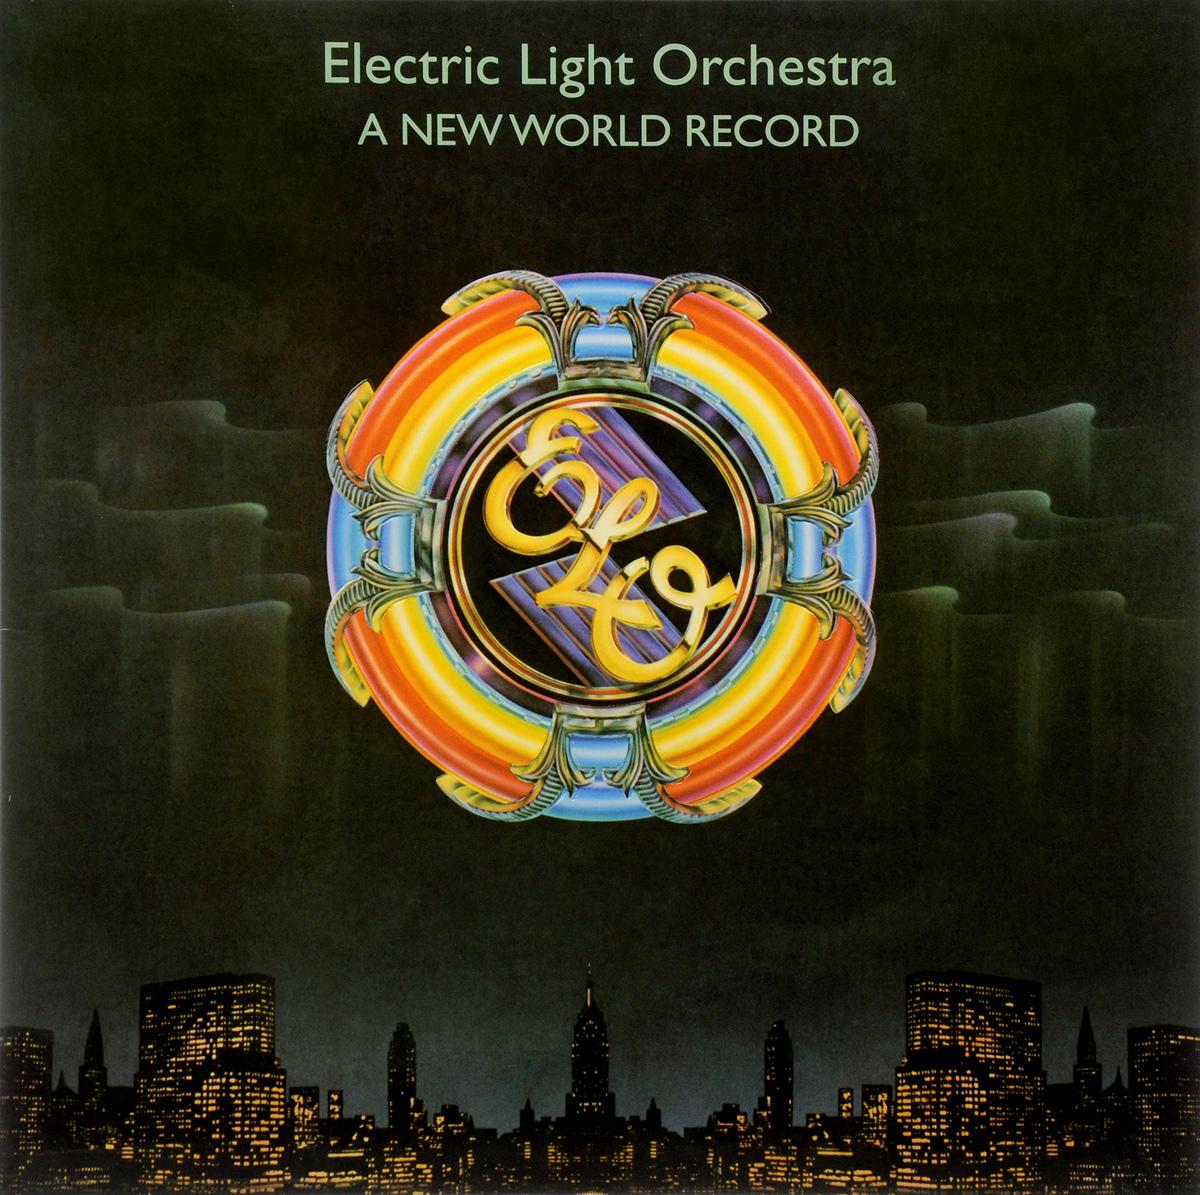 Electric Light Orchestra Electric Light Orchestra. A New World Record (LP) electric light orchestra electric light orchestra a new world record 2016 black vinyl version 180 gr